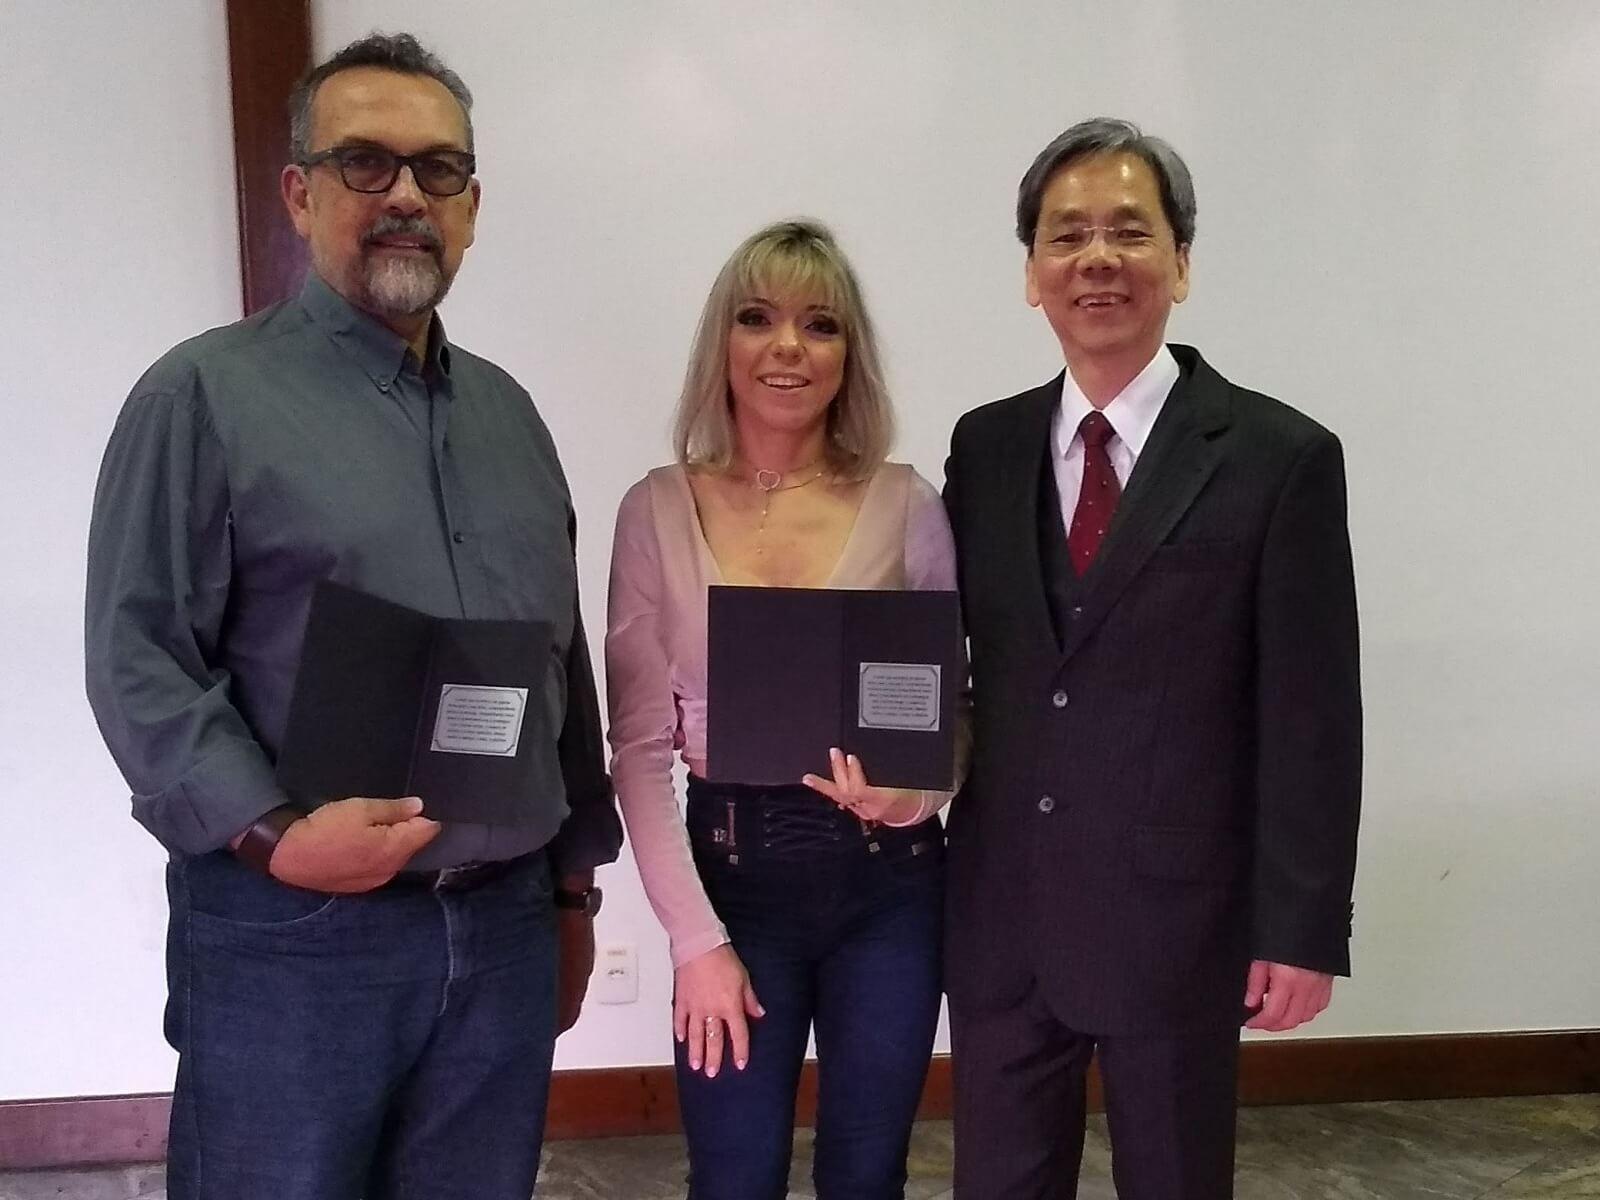 O Prof. Dr. Eng. Fernando Hideo Fukuda, CEO na Fukuda Solutions, a Prof.a. Camilla Lobo Paulino e o Prof. Carlos Alberto Alves Lemos comemoraram com as Homenagem dos Formandos em 2018-1 em Ciência da Computação, após a Solenidade de Colação de Grau.